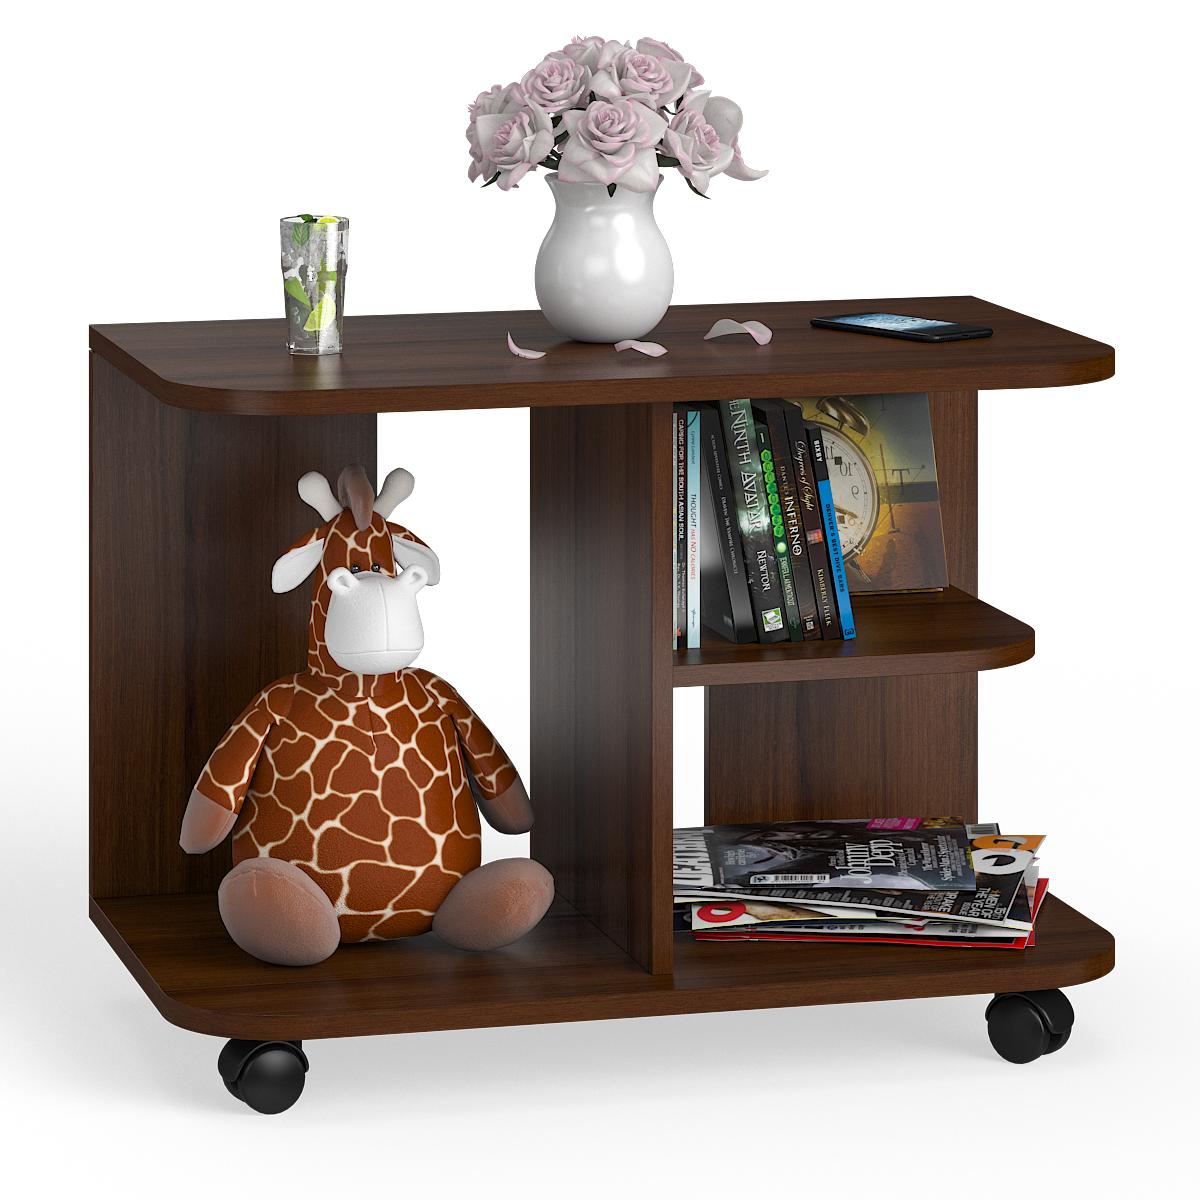 Стол журнальный на колёсиках Мебельный Двор СЖ-11 орех, 80х45х56 см